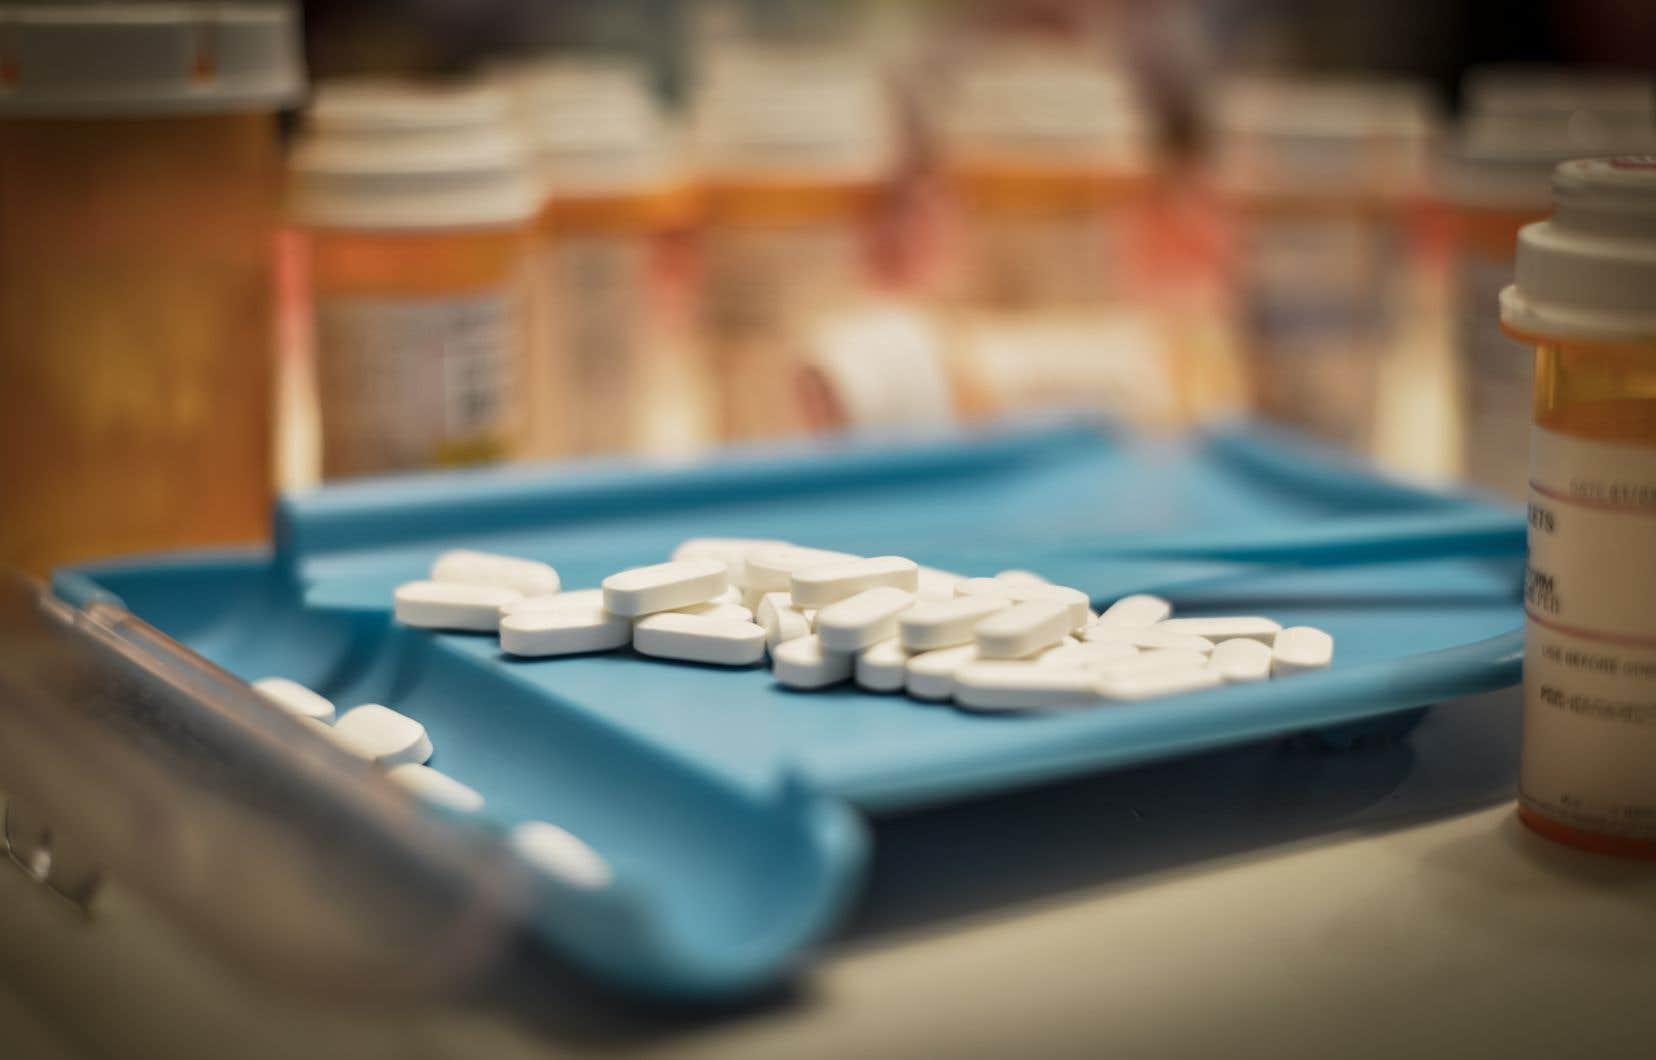 Le Canada traverse une crise des opioïdes, avec 2861 décès dus à une surdose en 2016 et plus de 4000 en 2017.